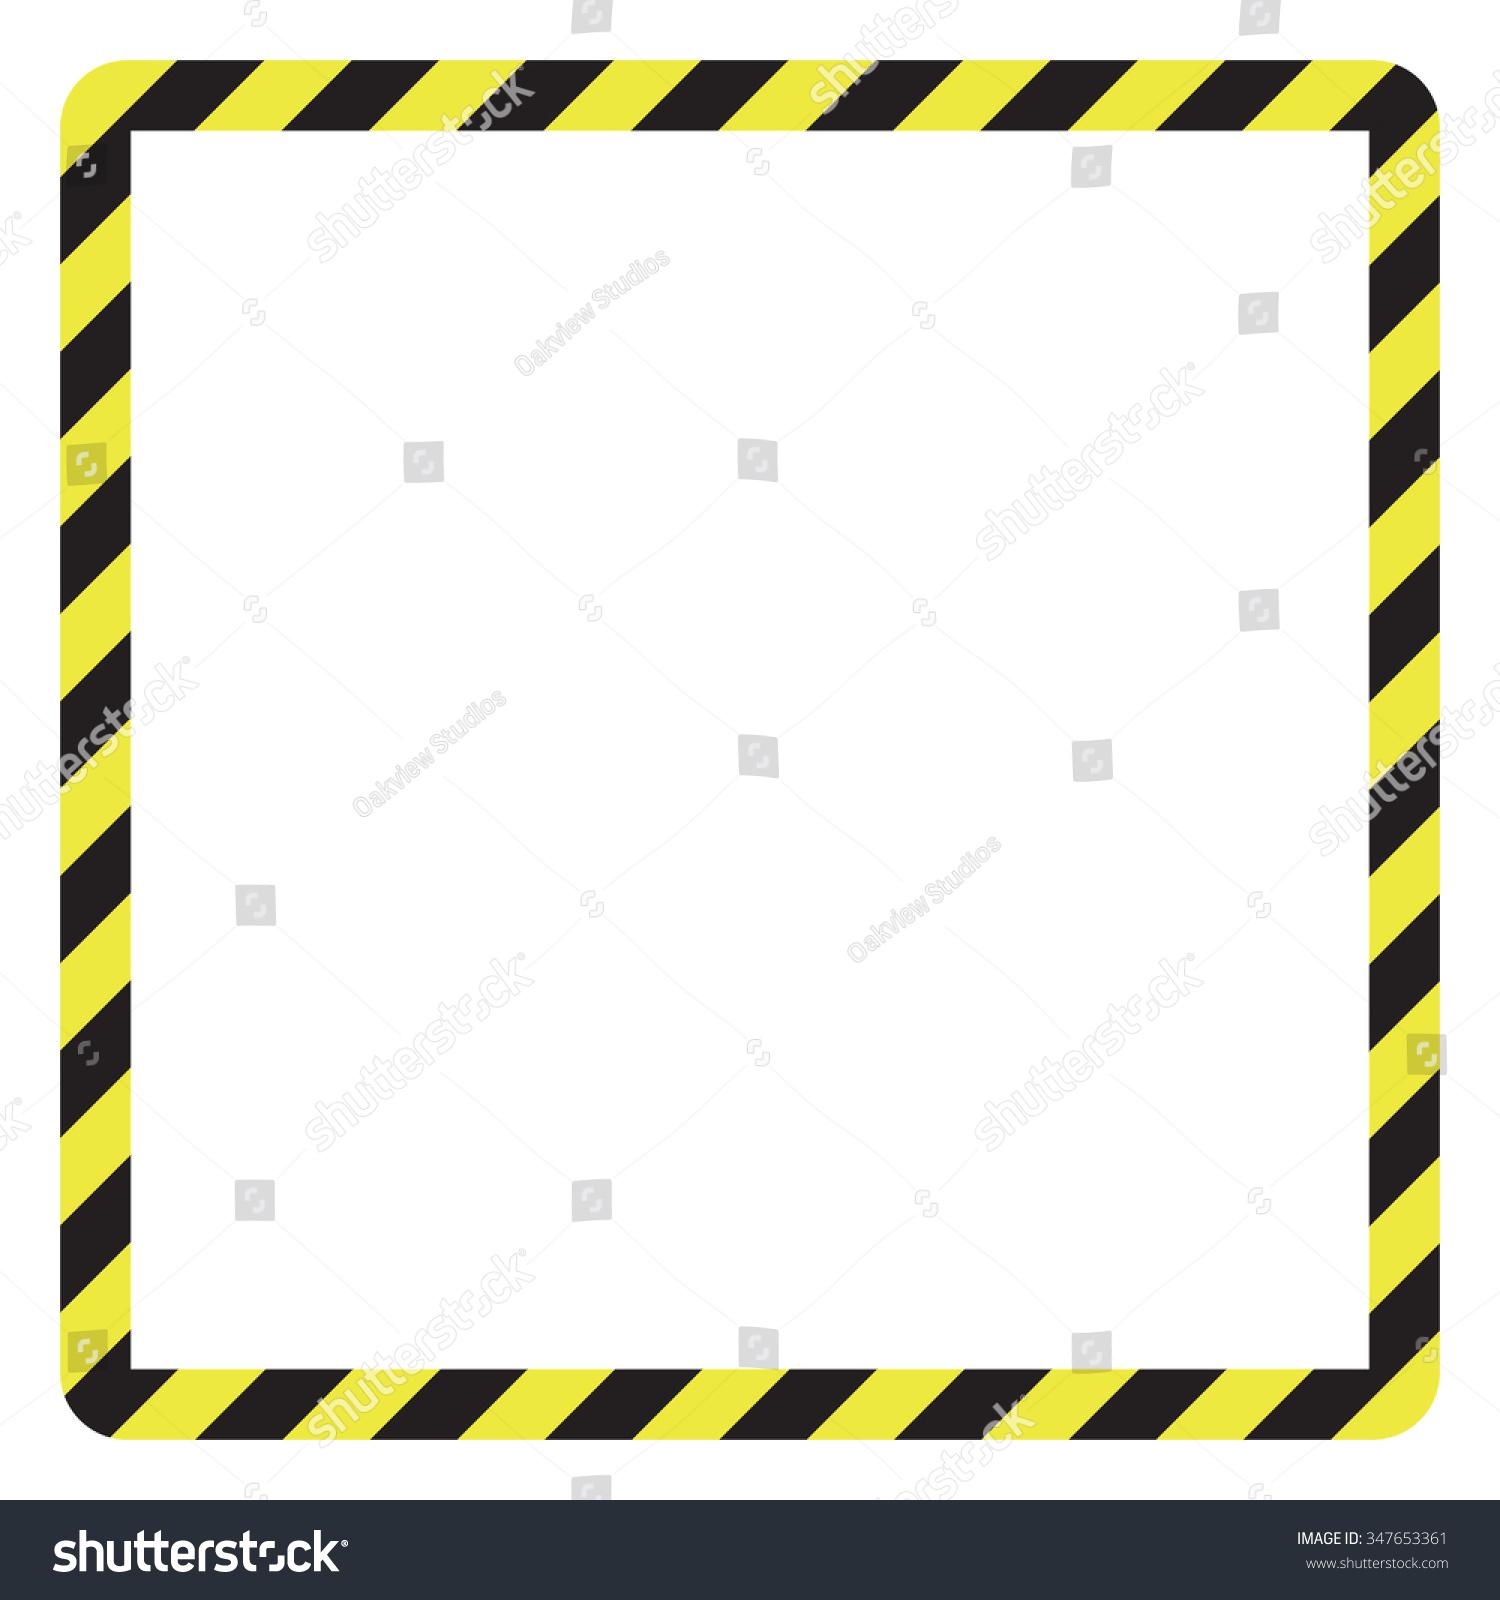 Construction Warning Border Vector Illustration Stock